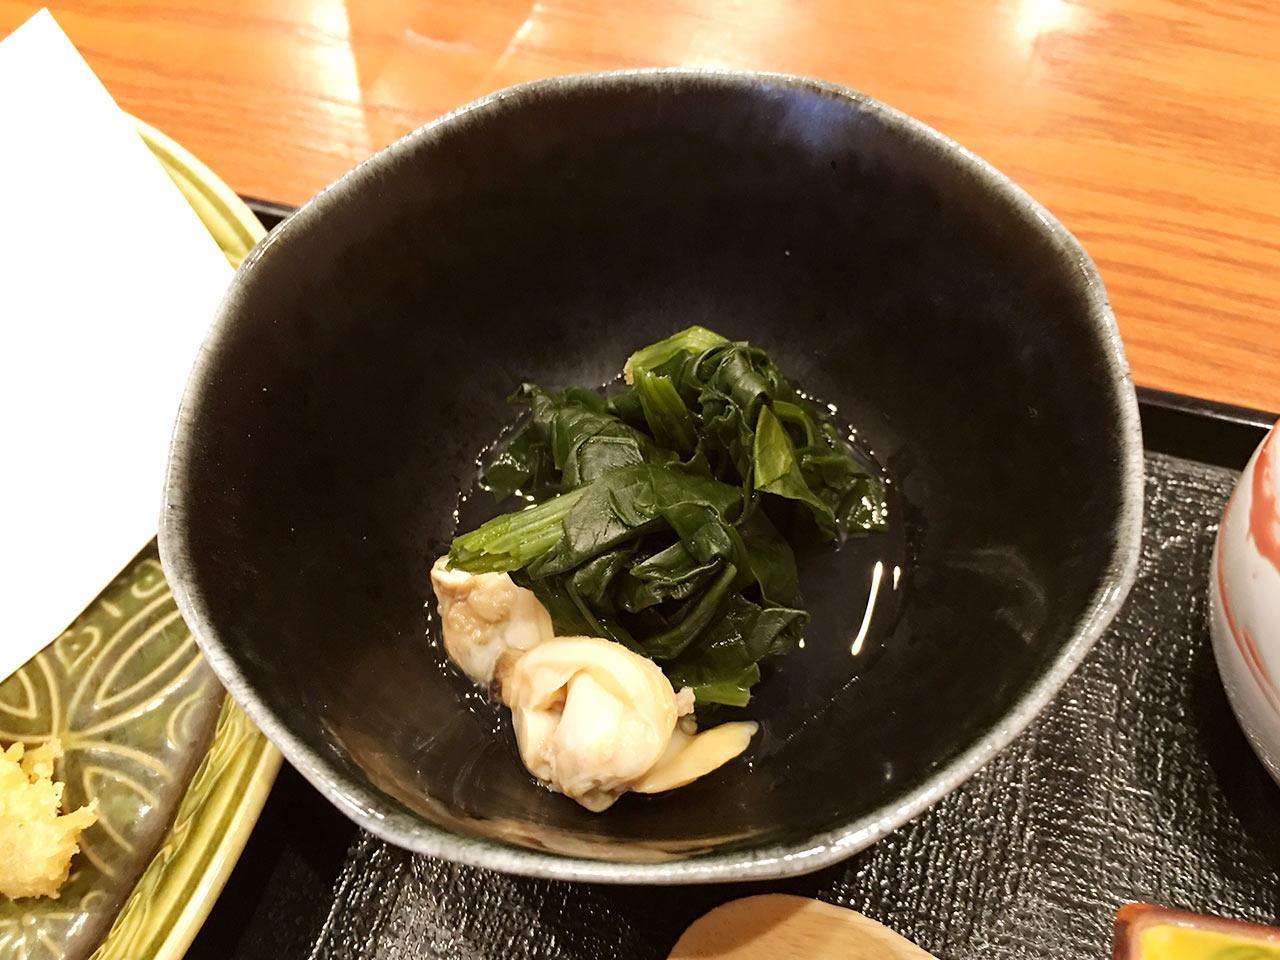 天ぷら割烹うさぎのわかめとあさりを煮たもの